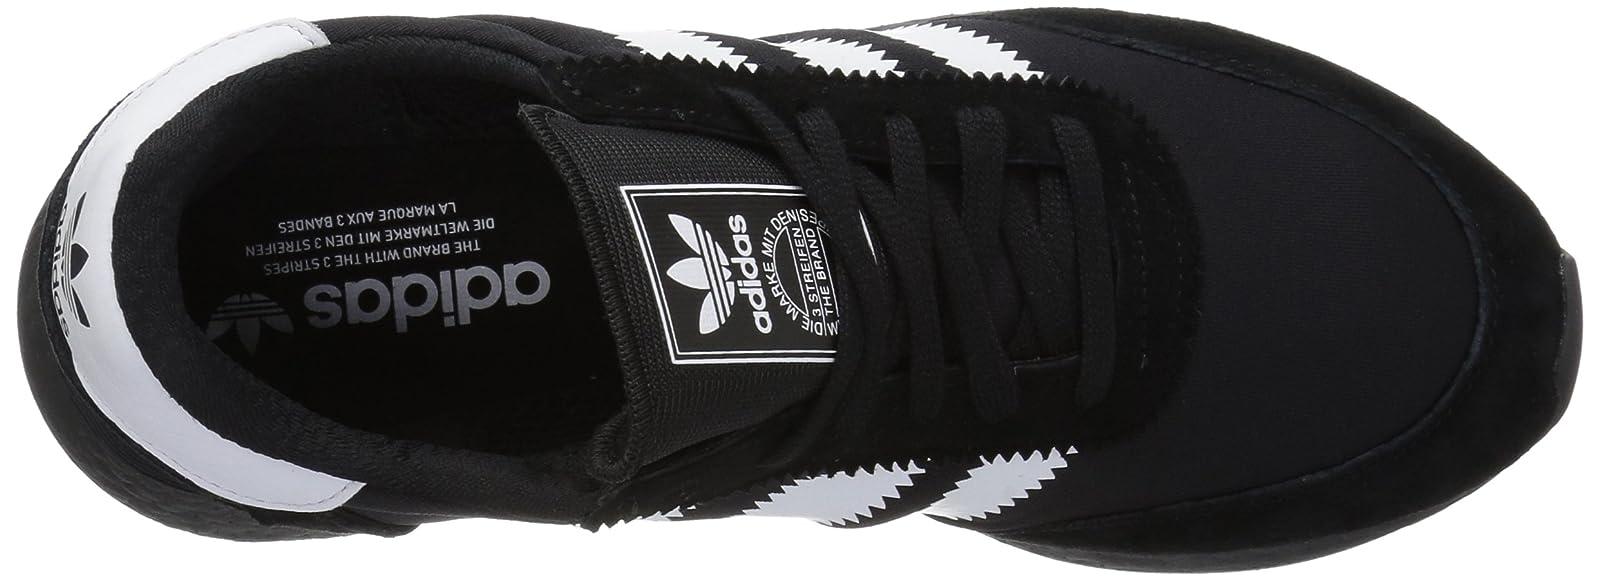 adidas Originals Men's I-5923 CQ2490 Core Black/White/Copper Metallic - 8